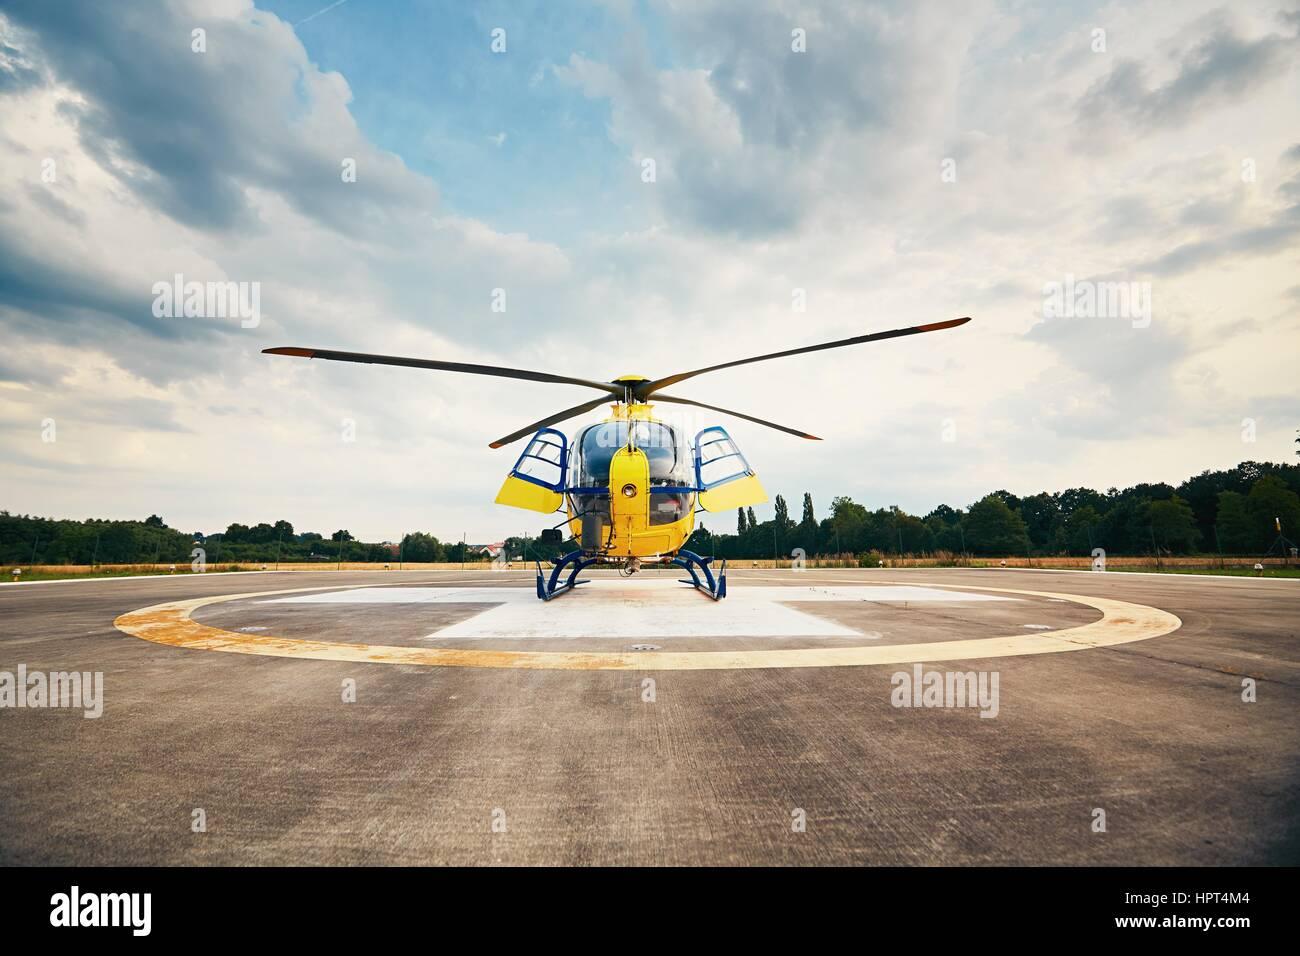 Air Rescue service. Air Ambulance hélicoptère est prêt à décoller à l'héliport. Photo Stock